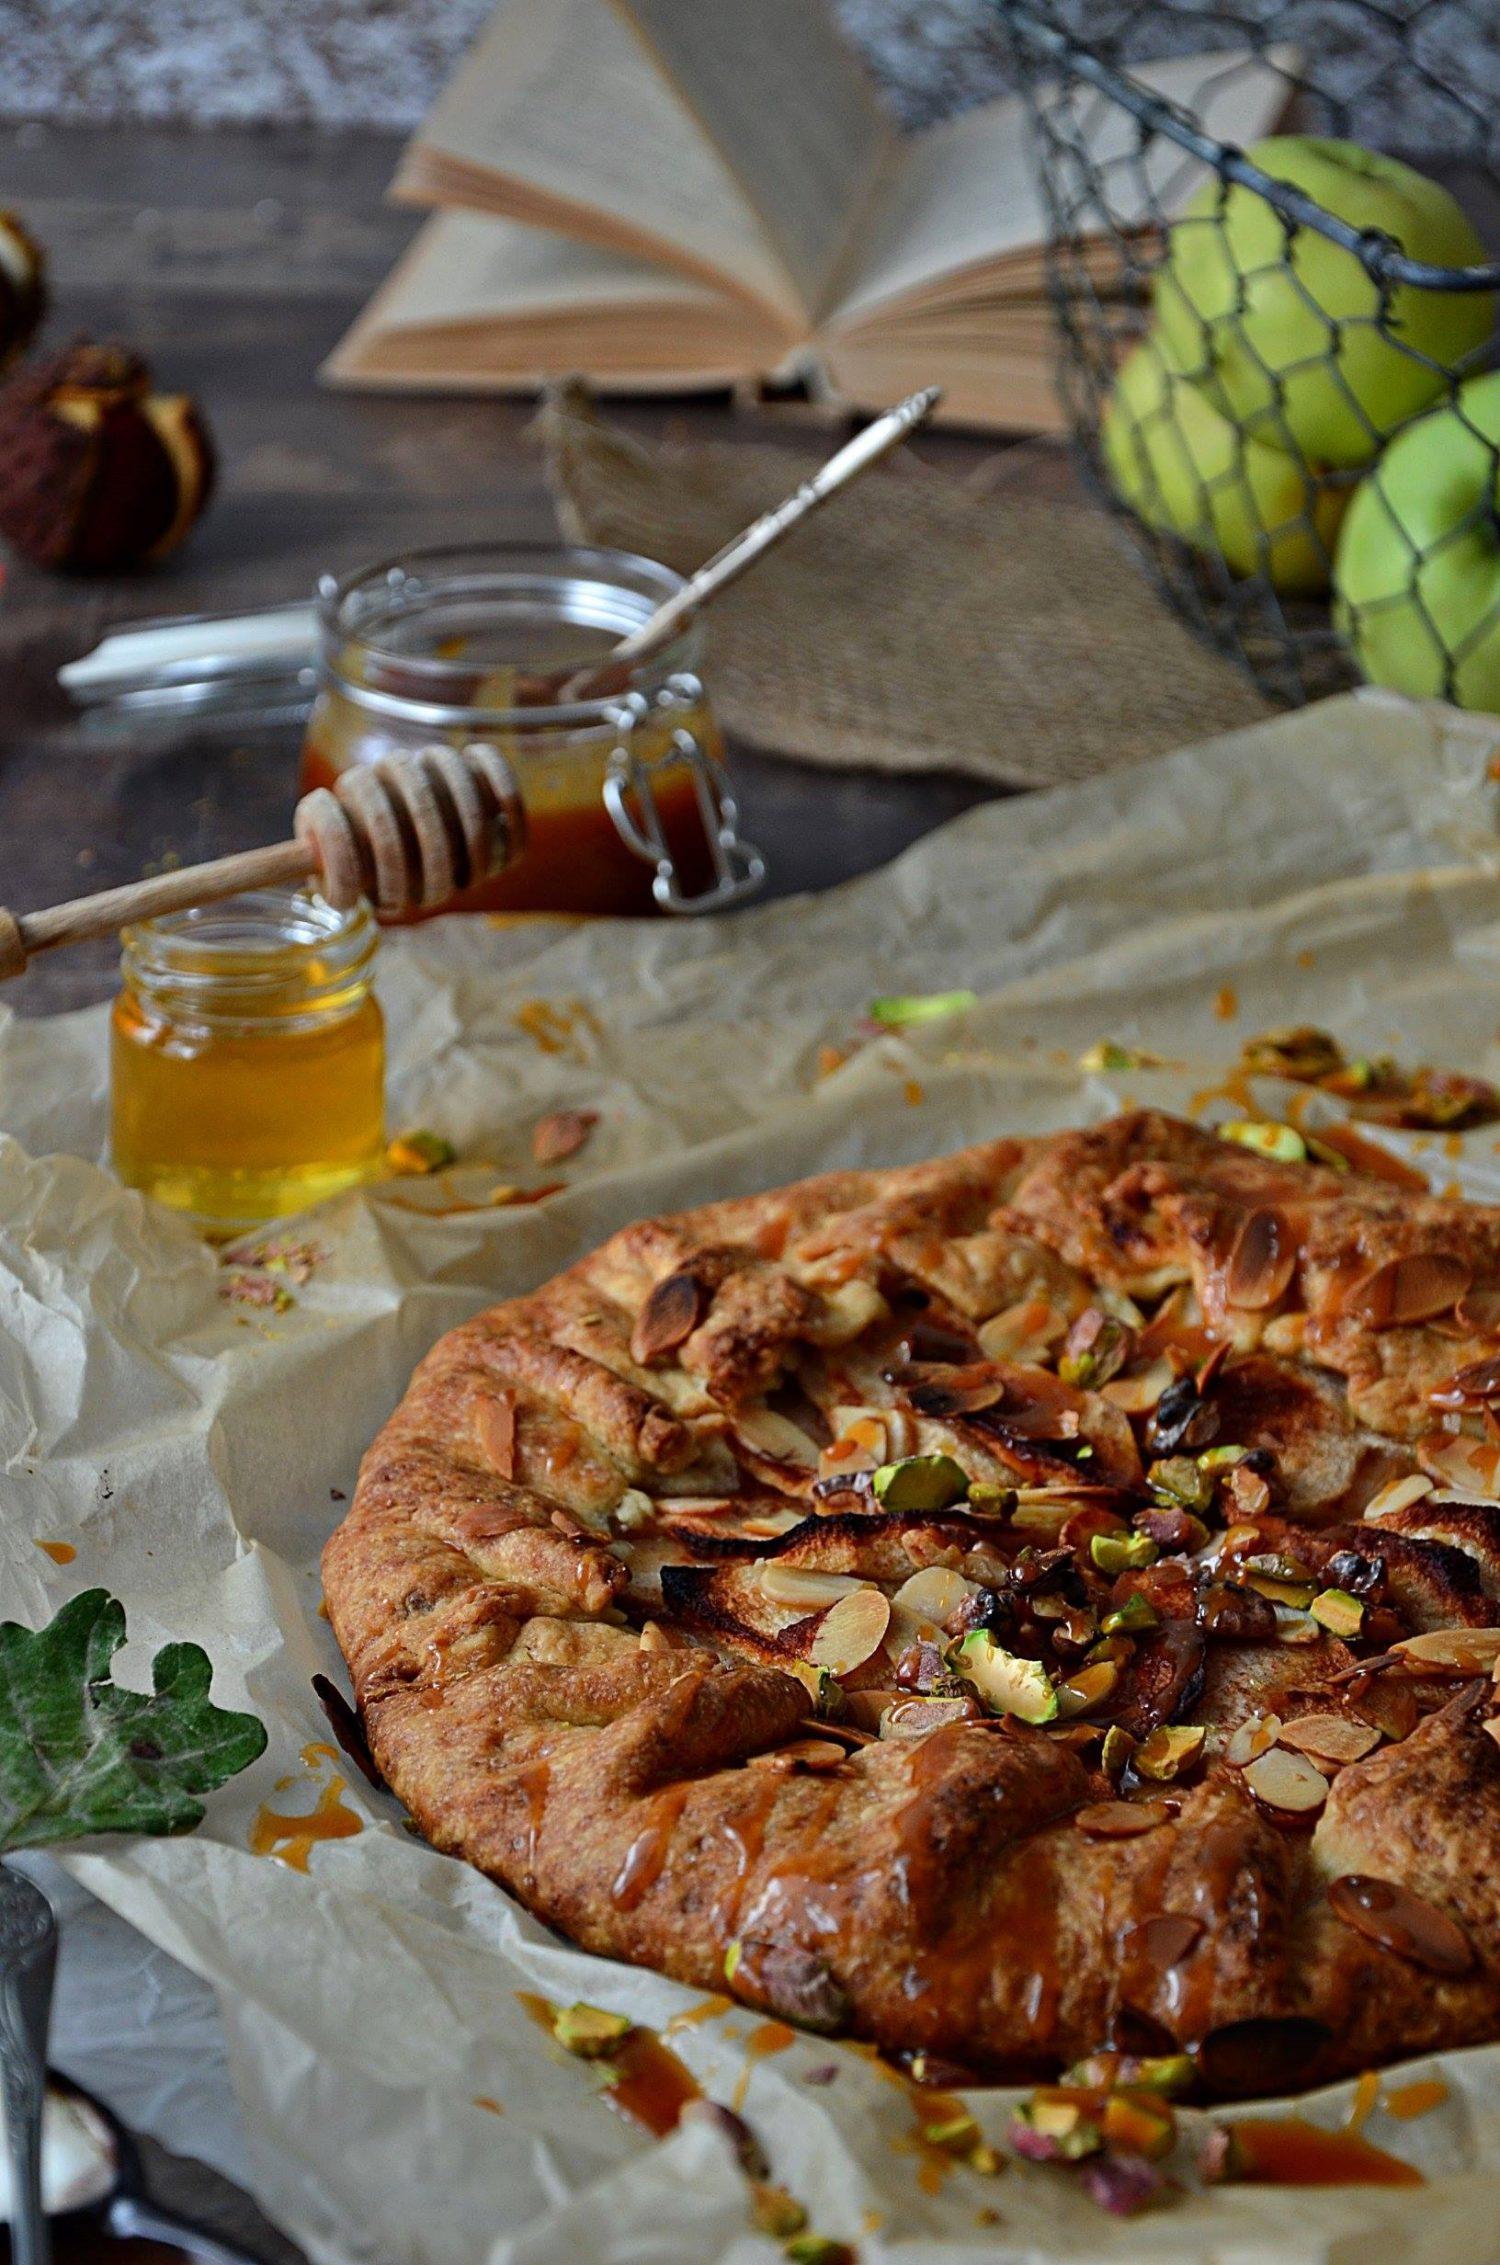 Galette, czyli tarta rustykalna z jabłkami i domowym słonym karmelem